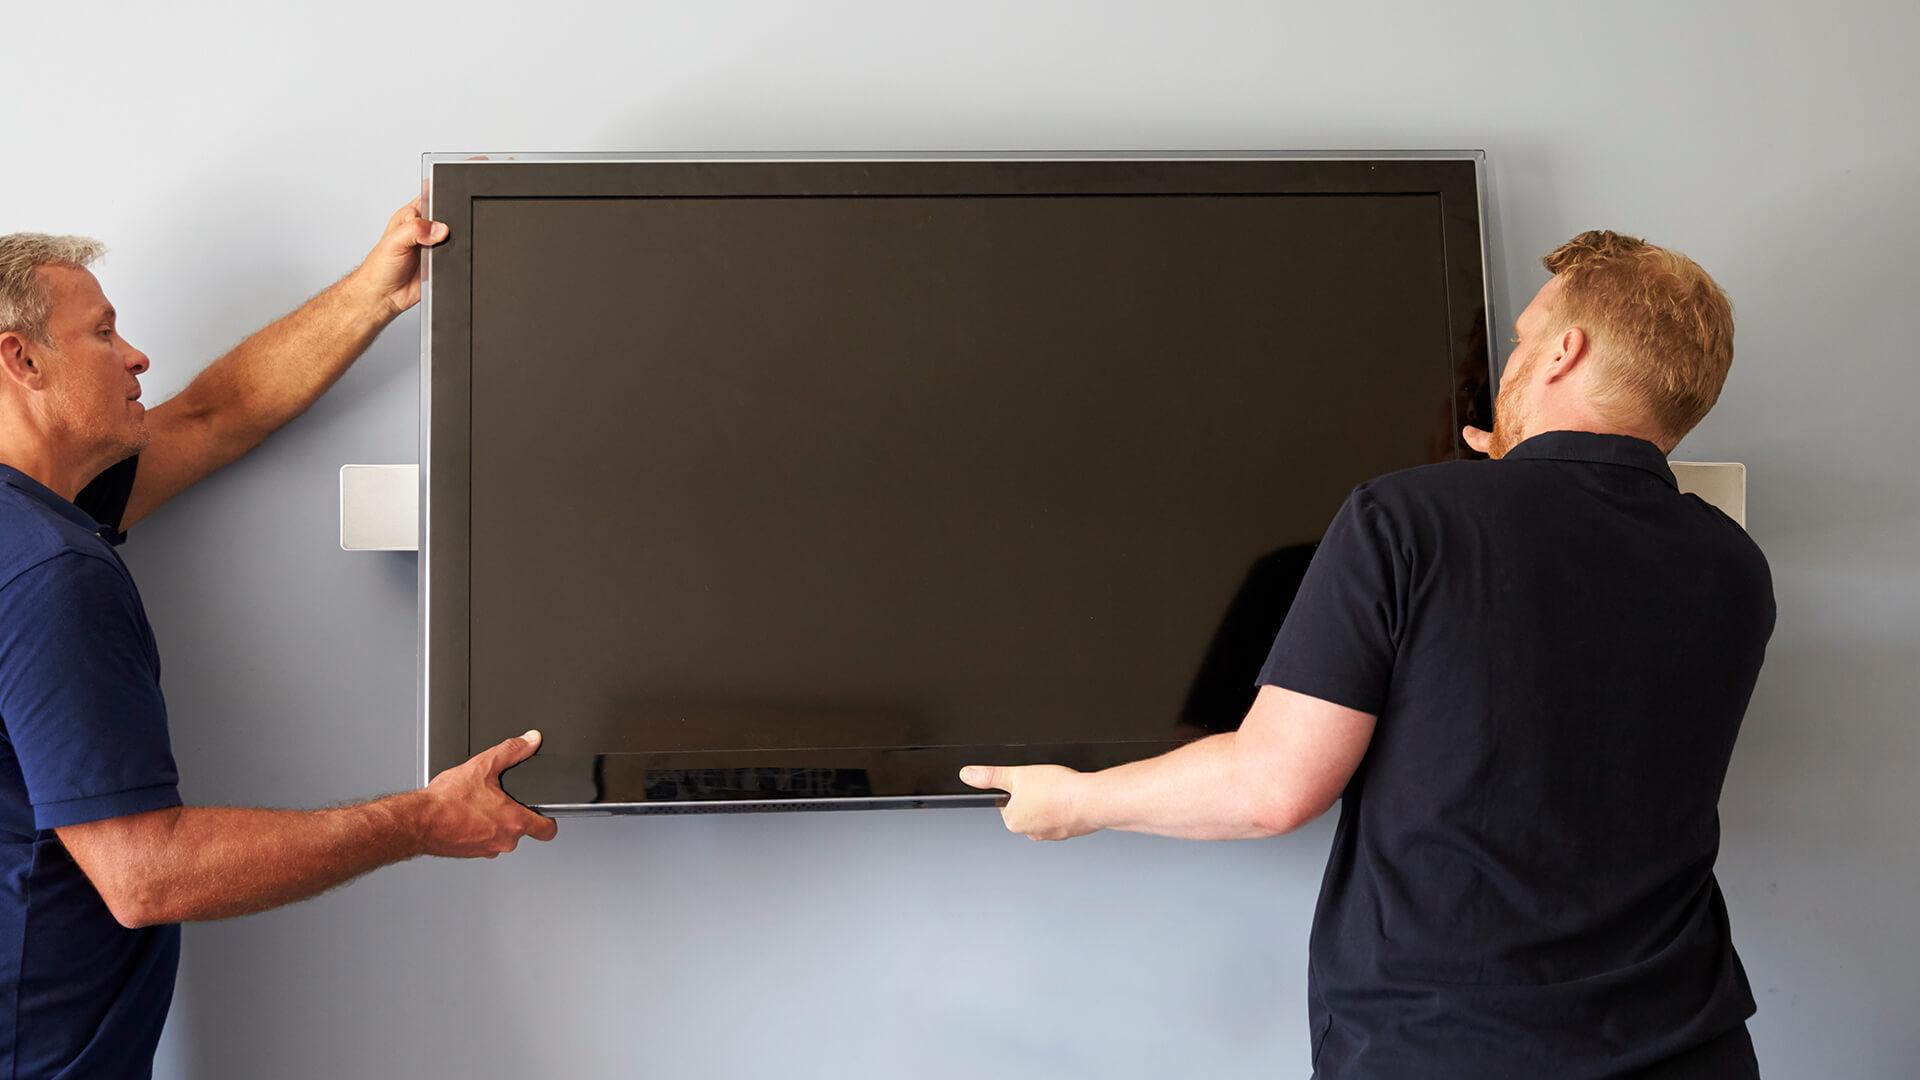 TV Installation in Dallas